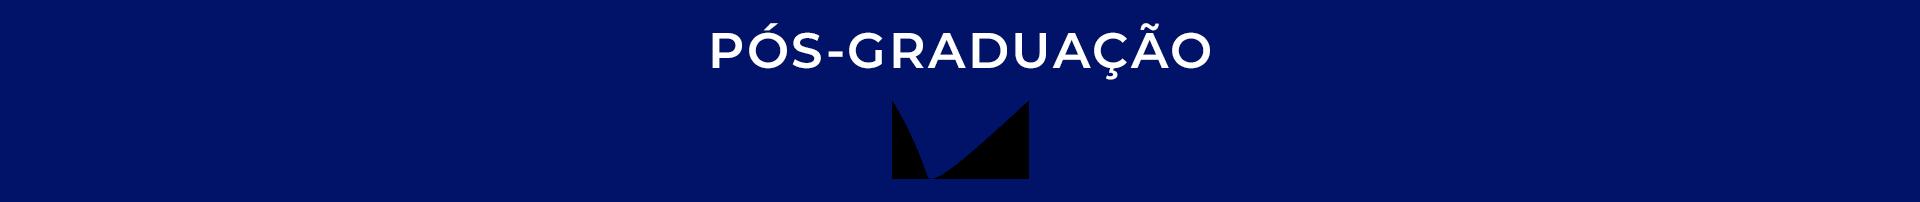 Pós-Graduação no Colégio Maia